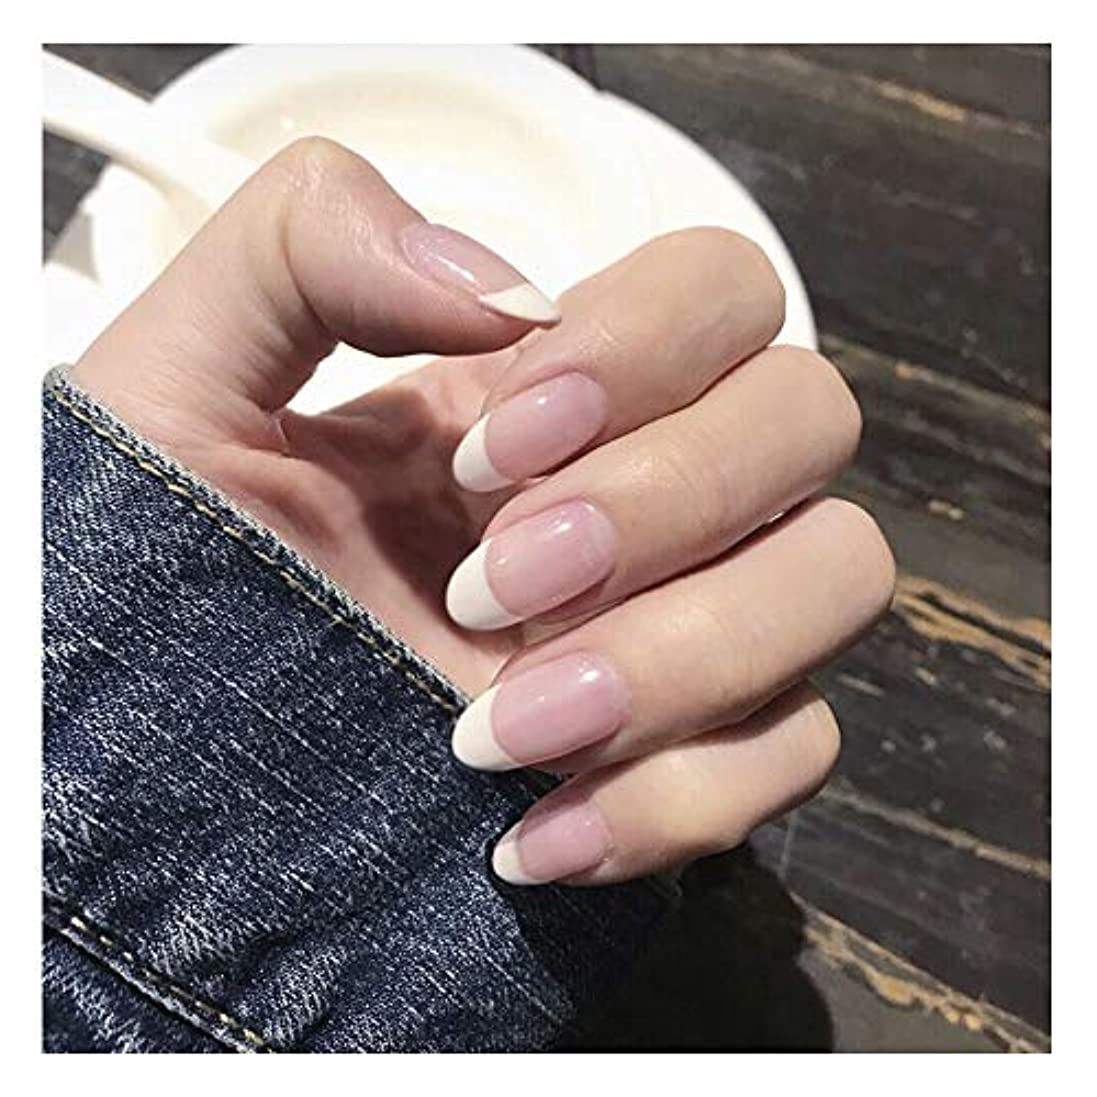 ダウン包括的ピッチTAALESET 透明ピンク+ホワイト下部偽爪ロングネイルズグルー完成ネイル偽爪を指摘しました (色 : 24 pieces)